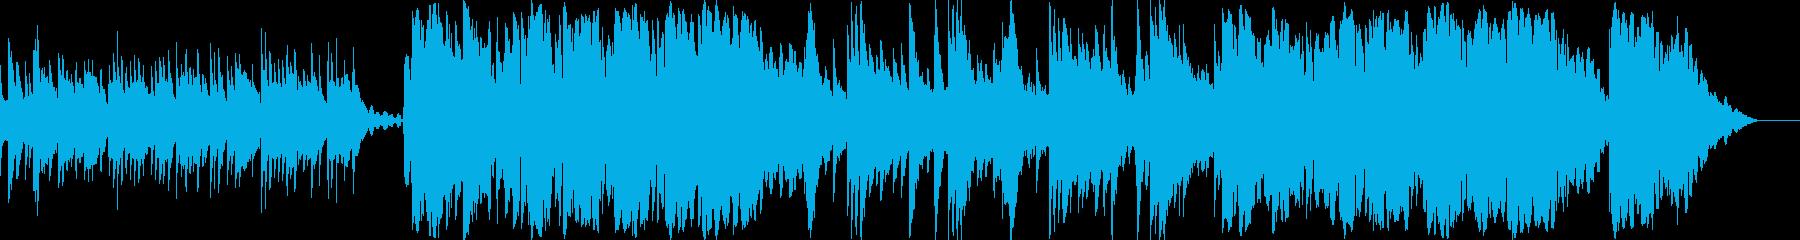 オカリナが奏でるメロディが美しい短曲の再生済みの波形